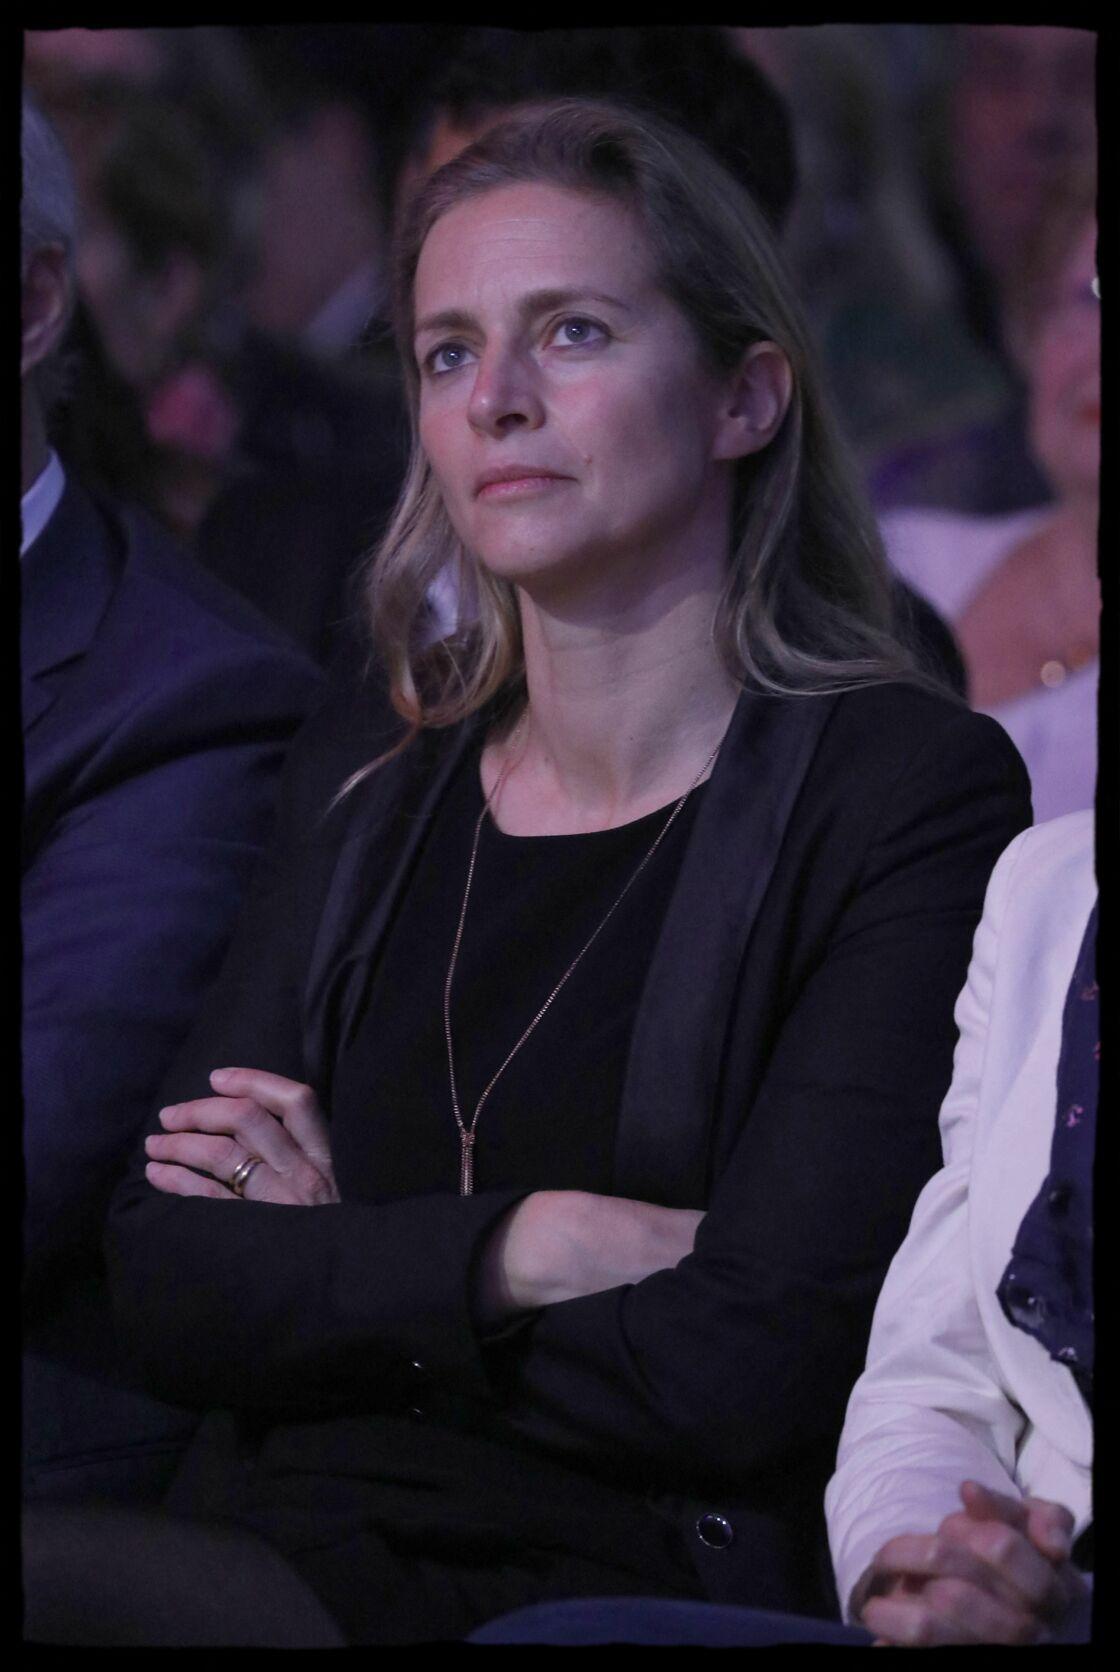 Charlotte Wauquiez lors d'un meeting de son mari, alors candidat à la présidence des Républicains, à Asnières-sur-Seine le 15 novembre 2017